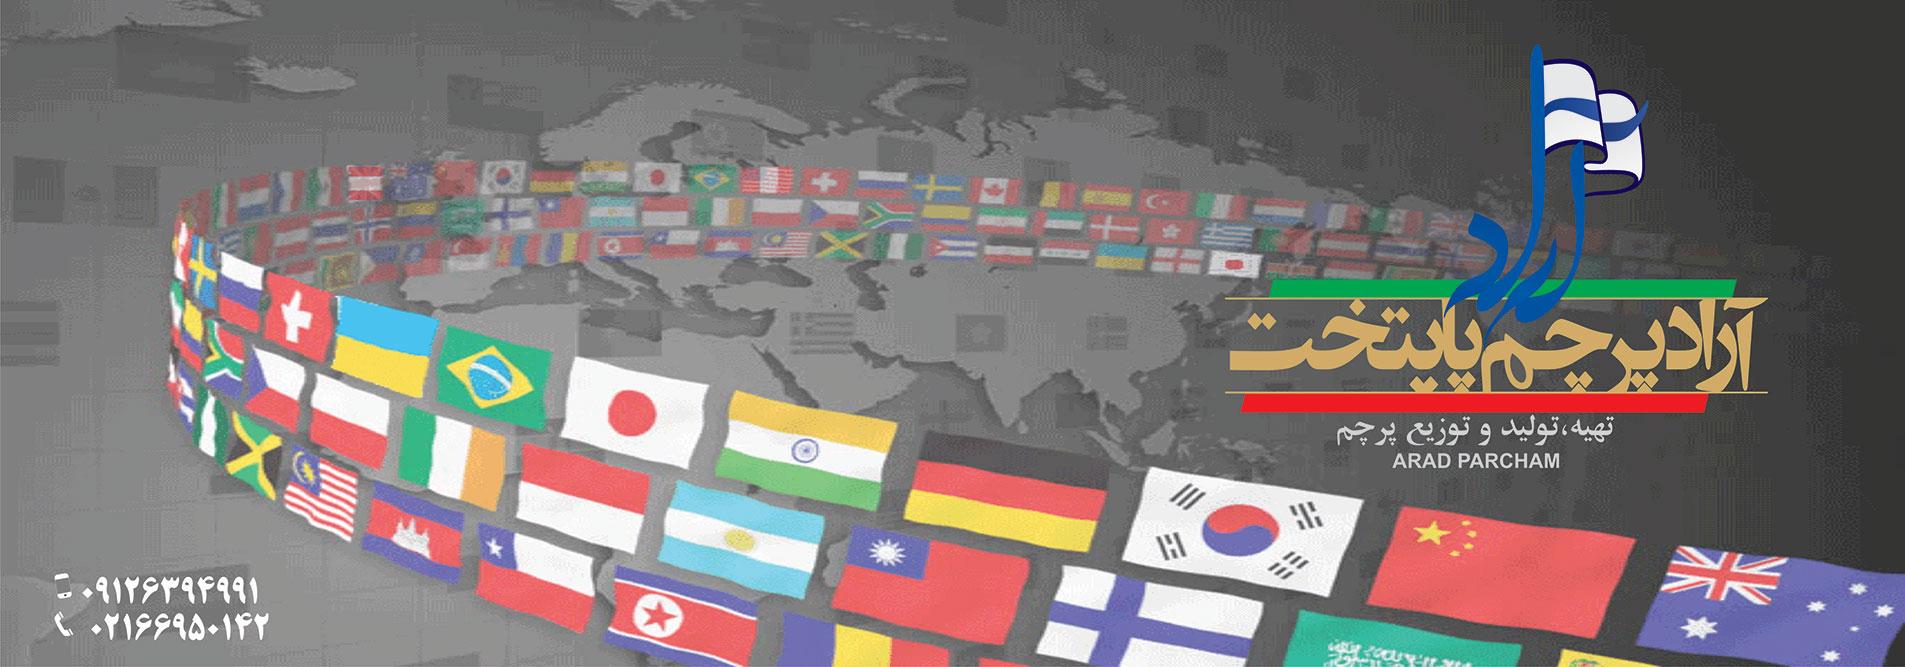 شرکت آراد پرچم پایتخت